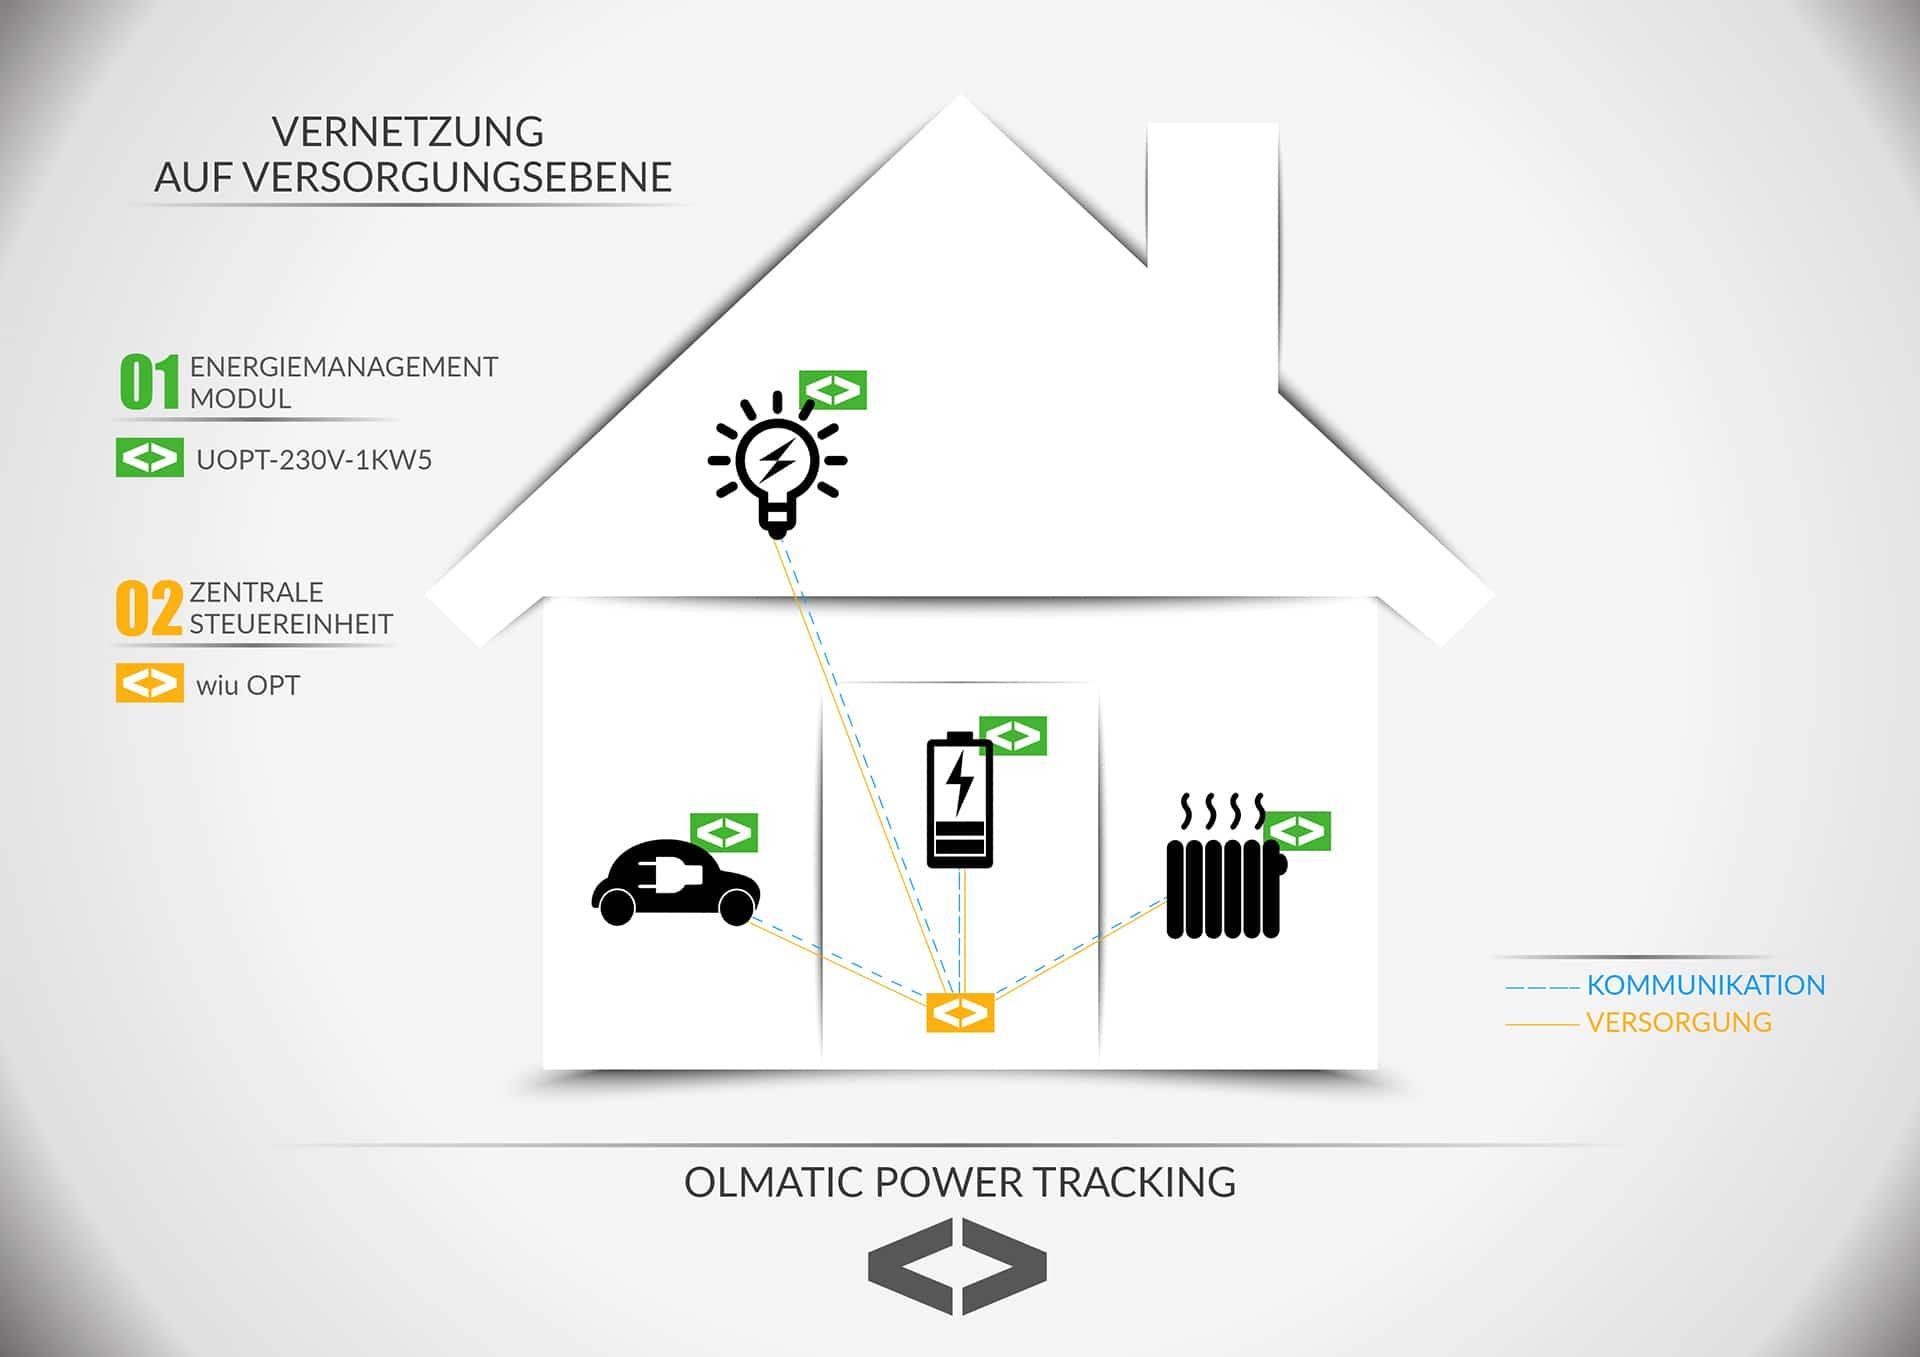 Zentrale und plattformunabhängige Vernetzung auf Versorgungsebene für die dynamische Energieverteilung im Smart Home